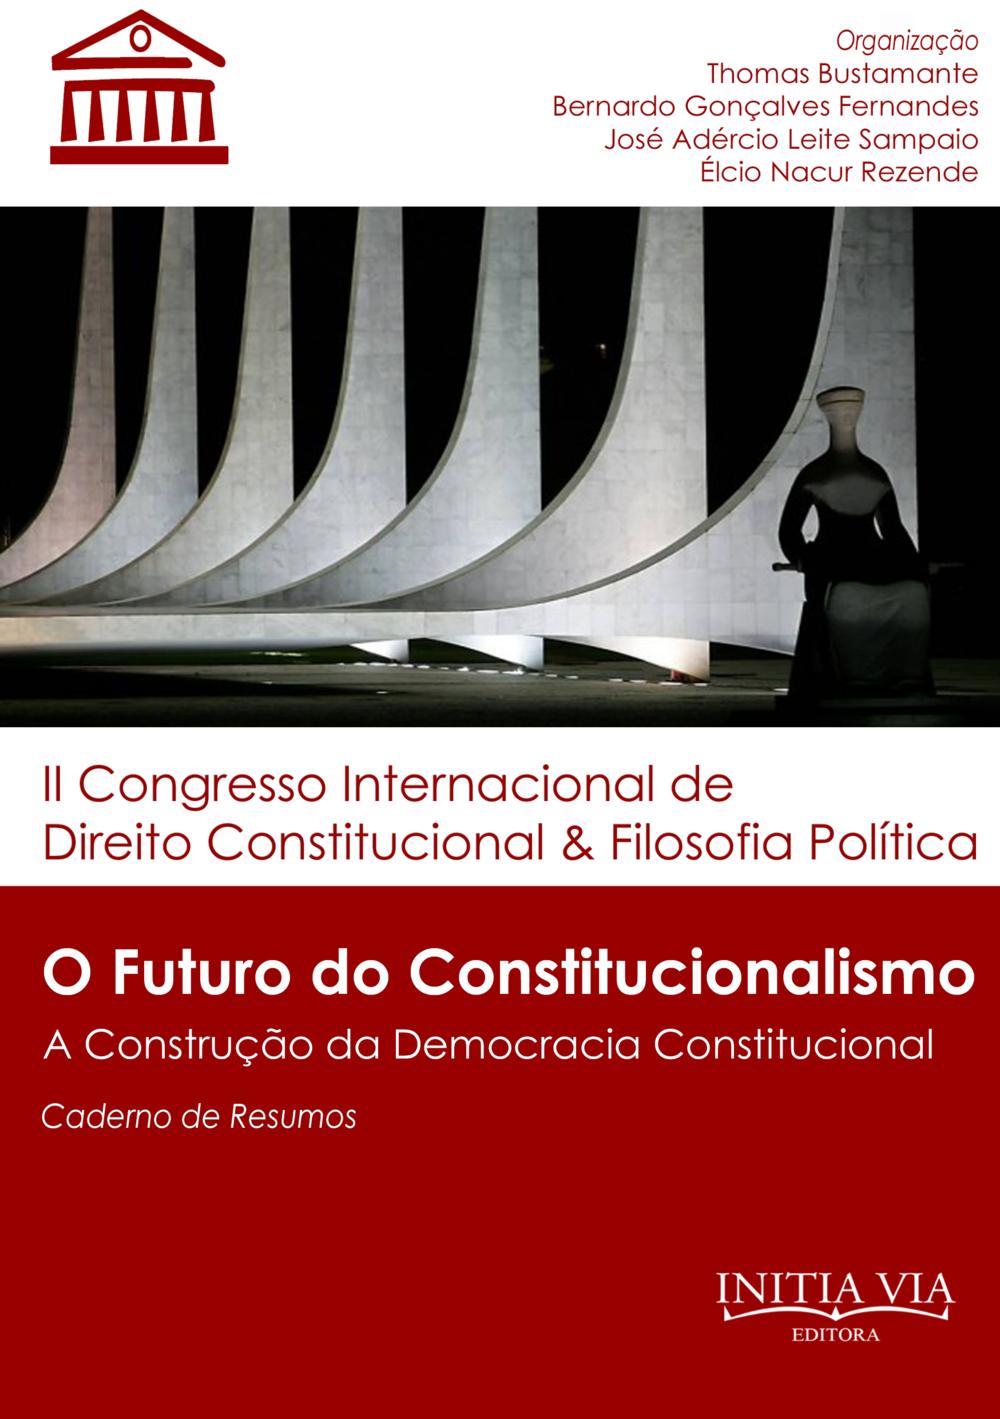 Bustamante_Congresso_resumos_2015.png